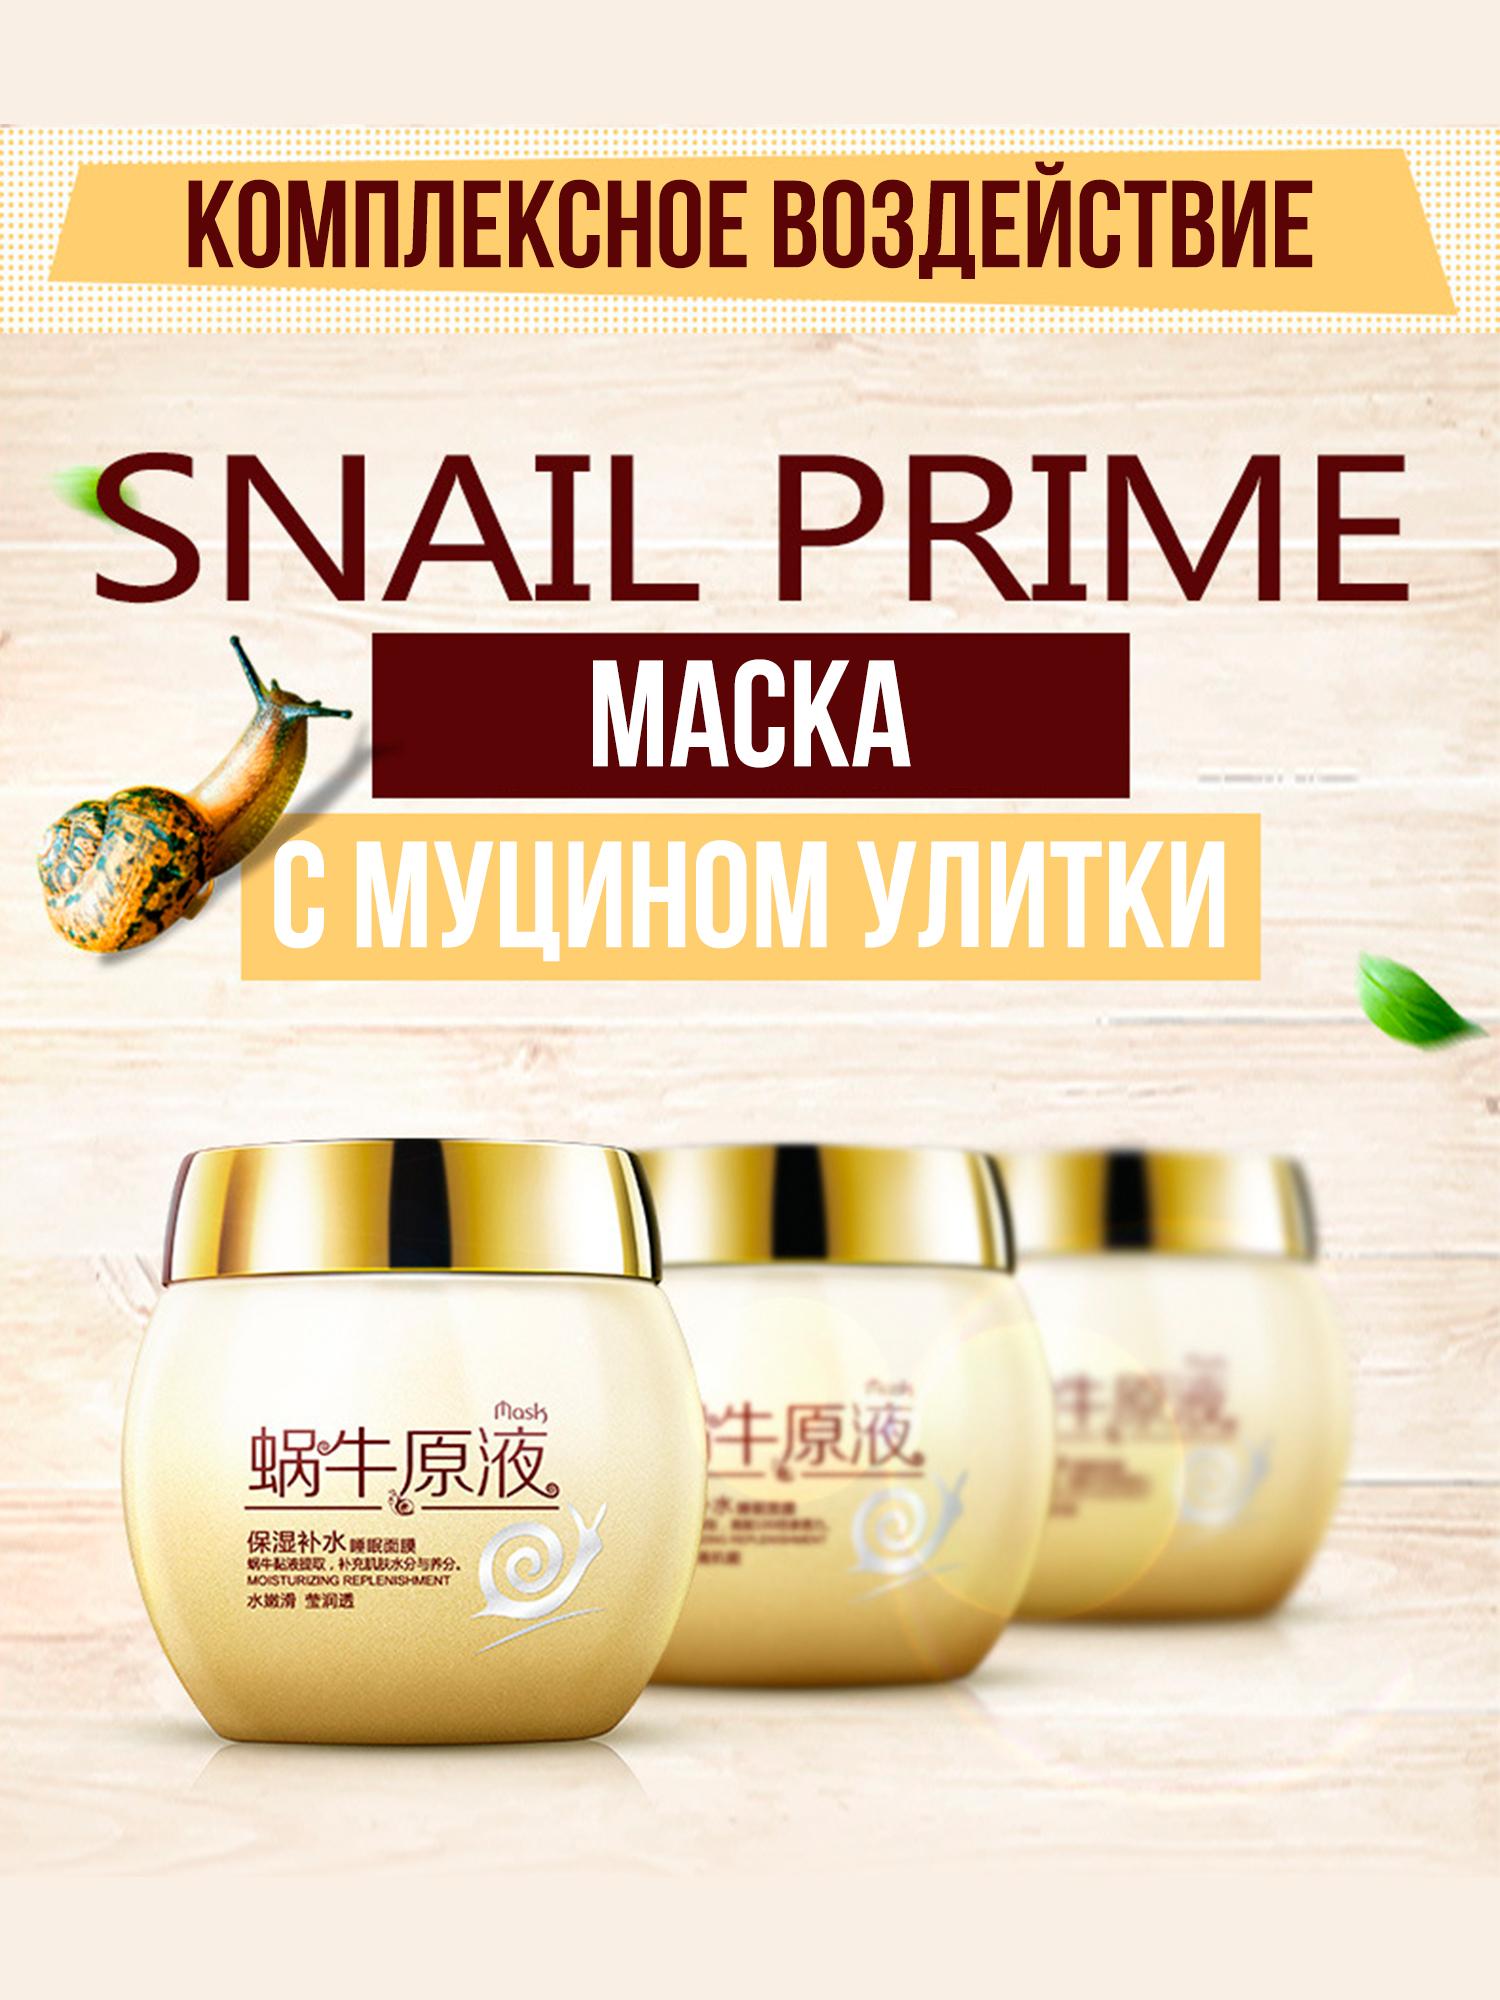 Ночная восстанавливающая маска с муцином улитки Snail Prime, 120мл